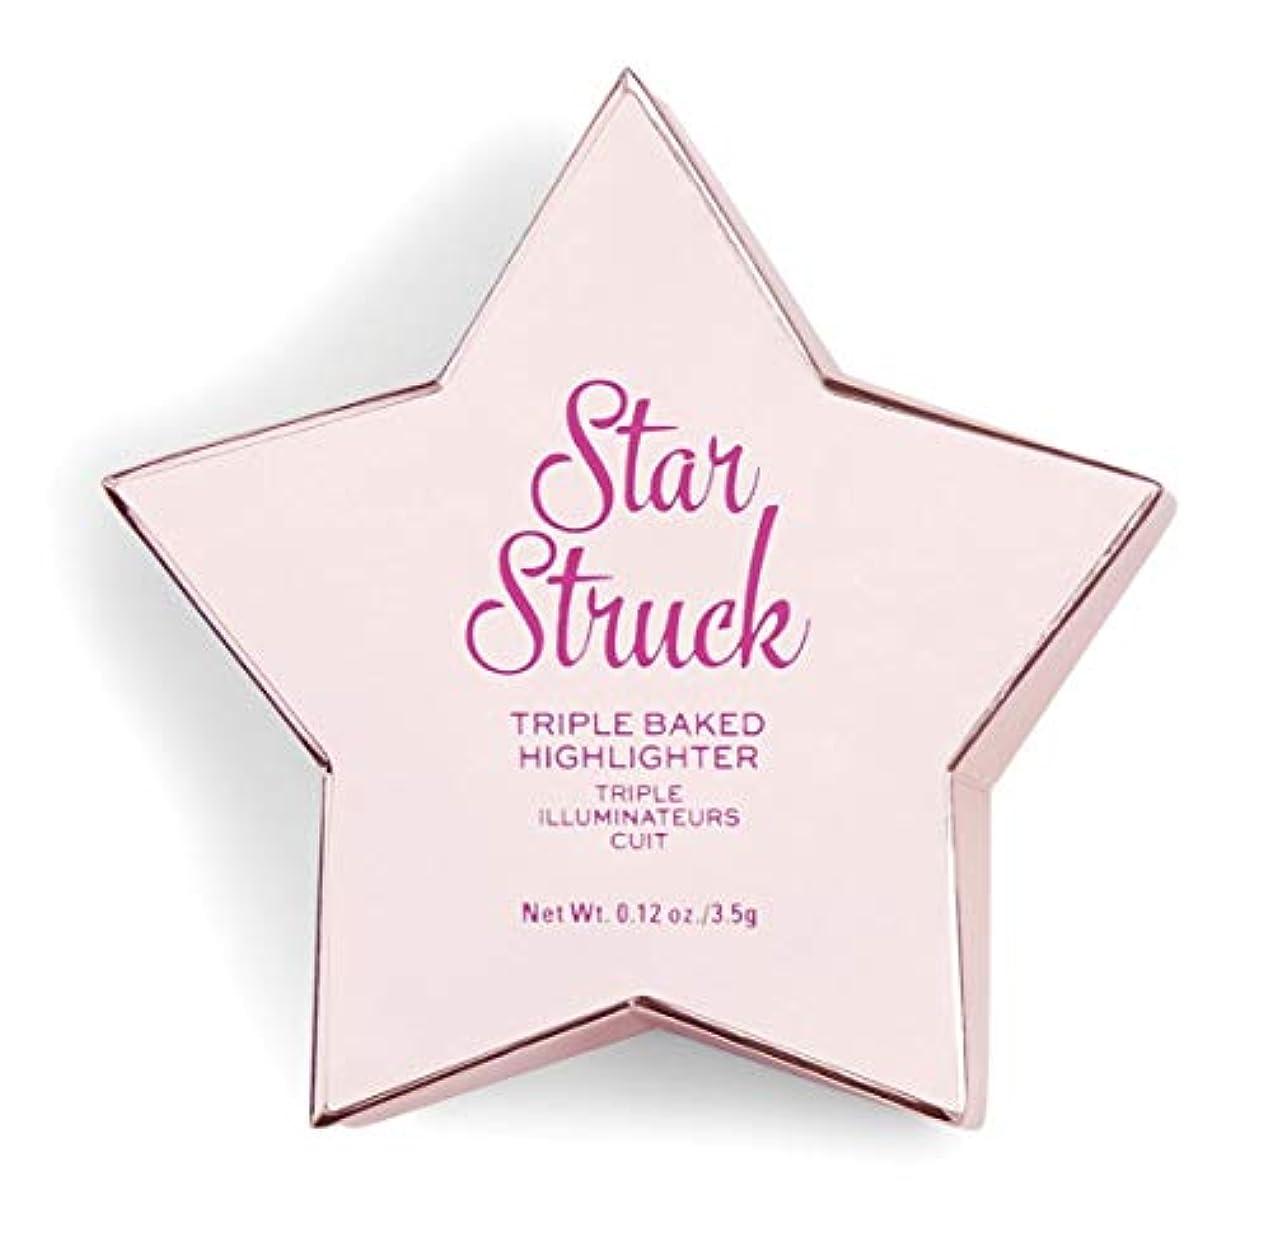 寄託開梱ストレスの多いメイクアップレボリューション 星型ハイライト Star Struck